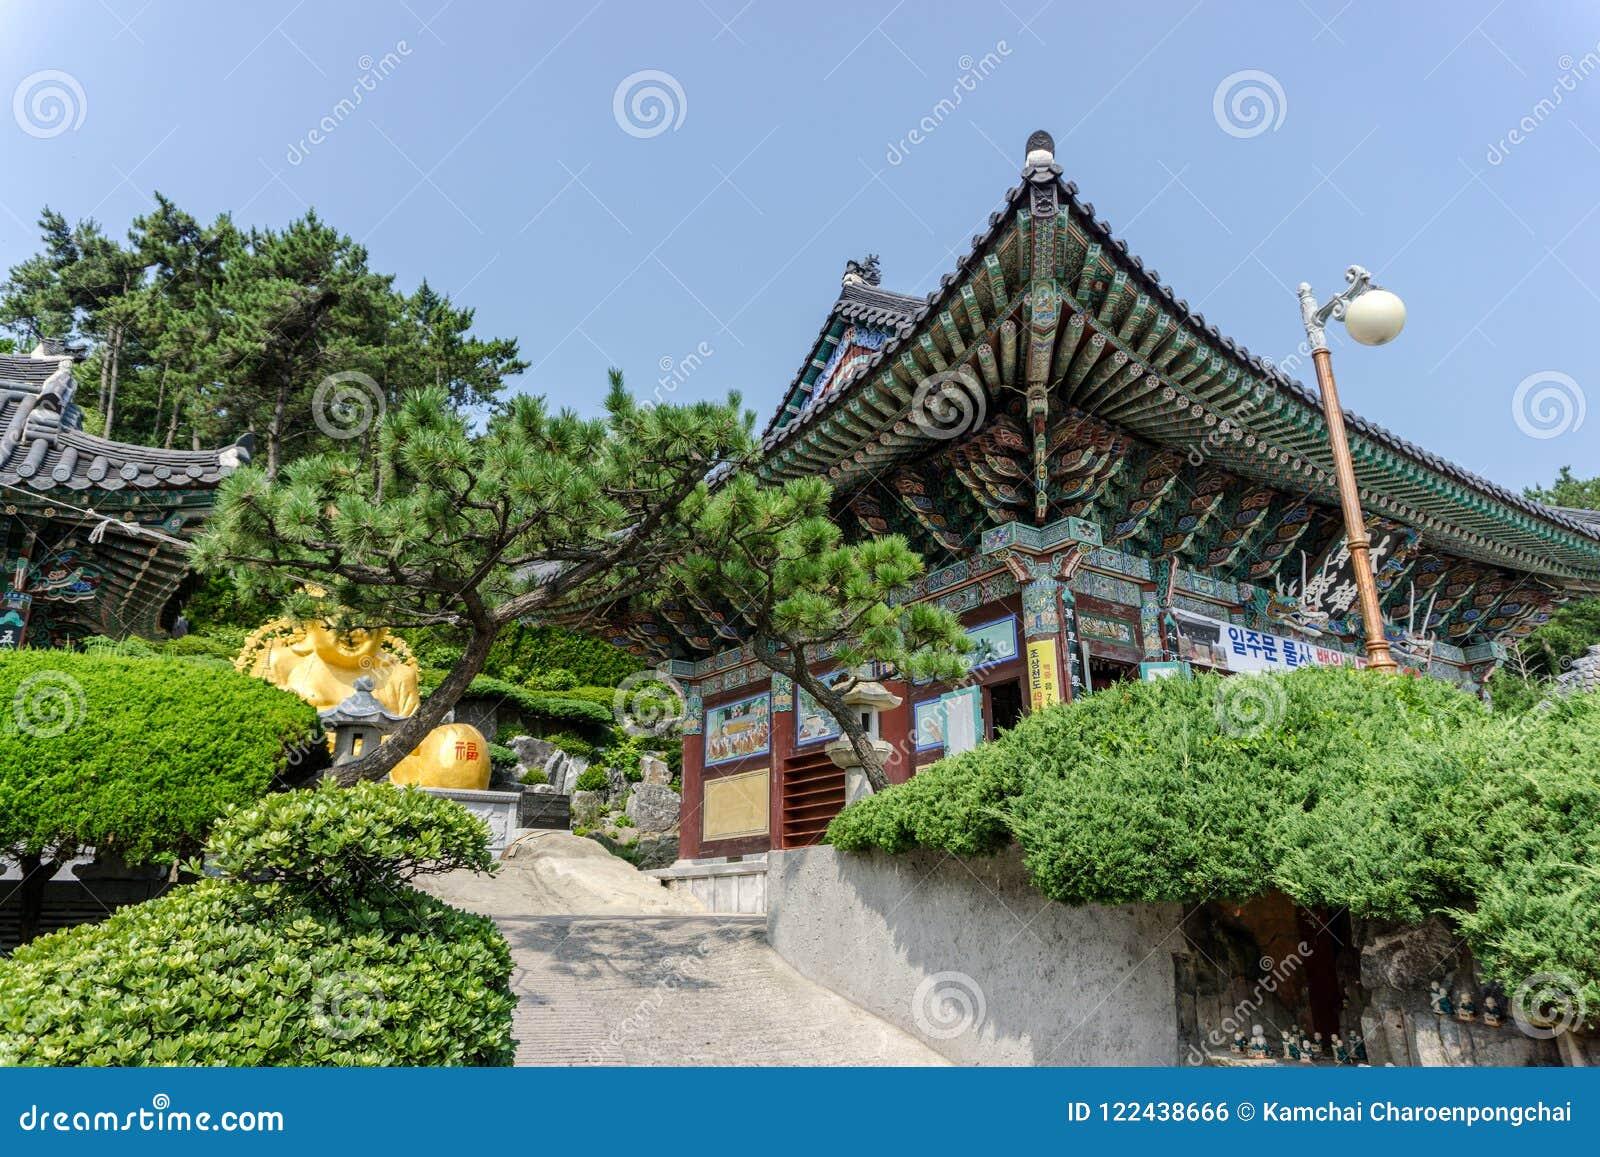 Condado principal do templo de Haedong Yonggungsa em Busan, Coreia do Sul